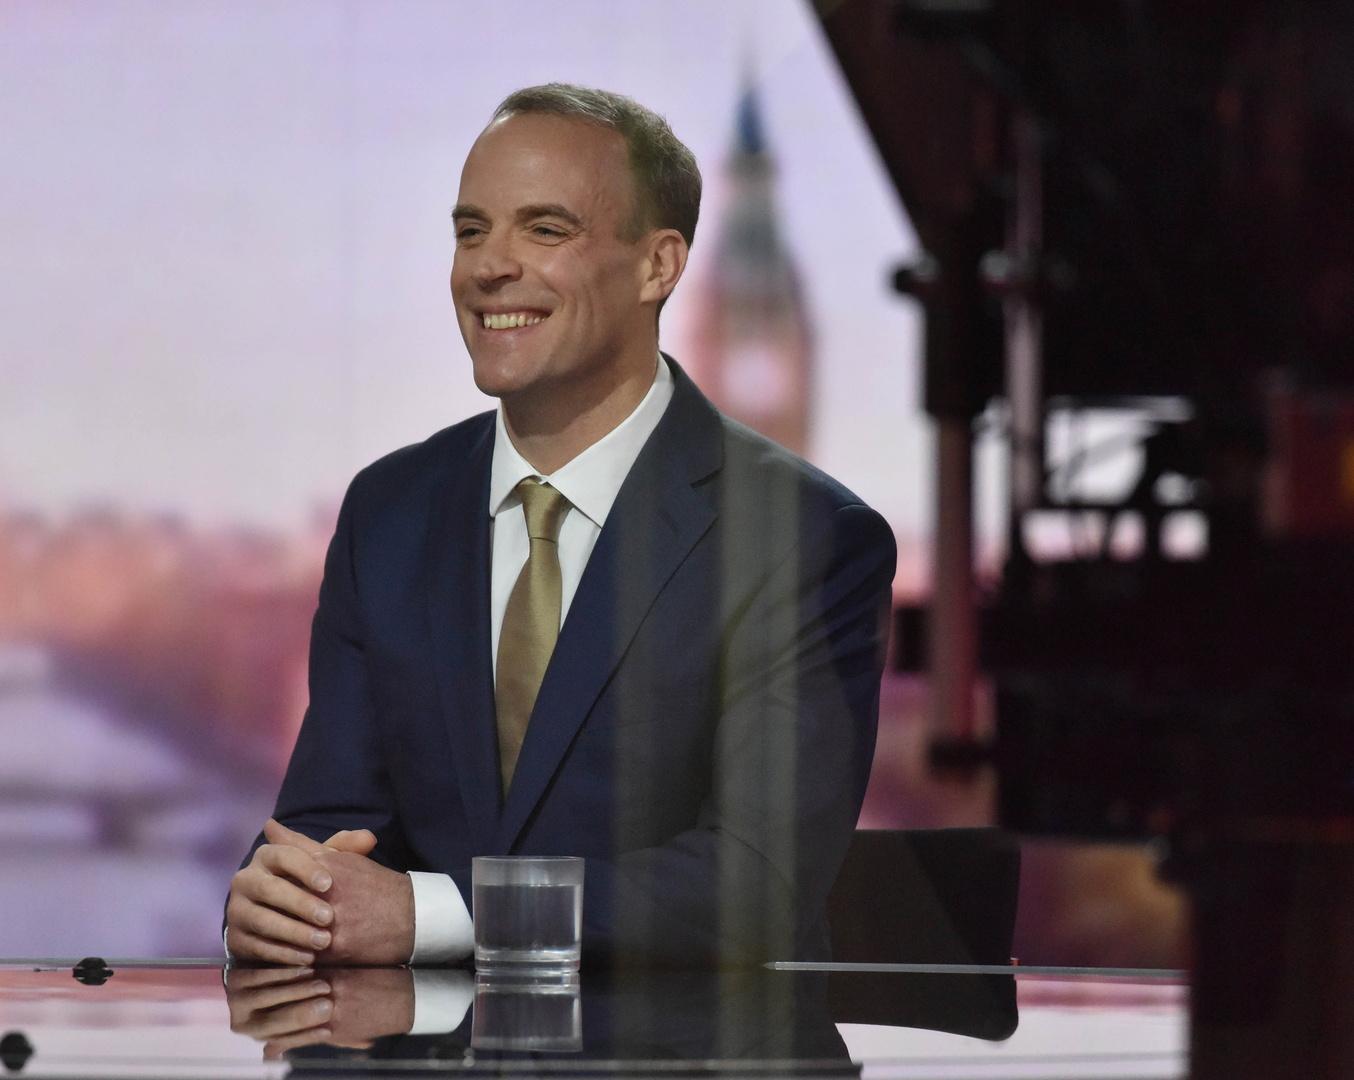 بريطانيا: من الجيد رؤية استئناف الكونغرس لجلسته والتصديق على فوز بايدن